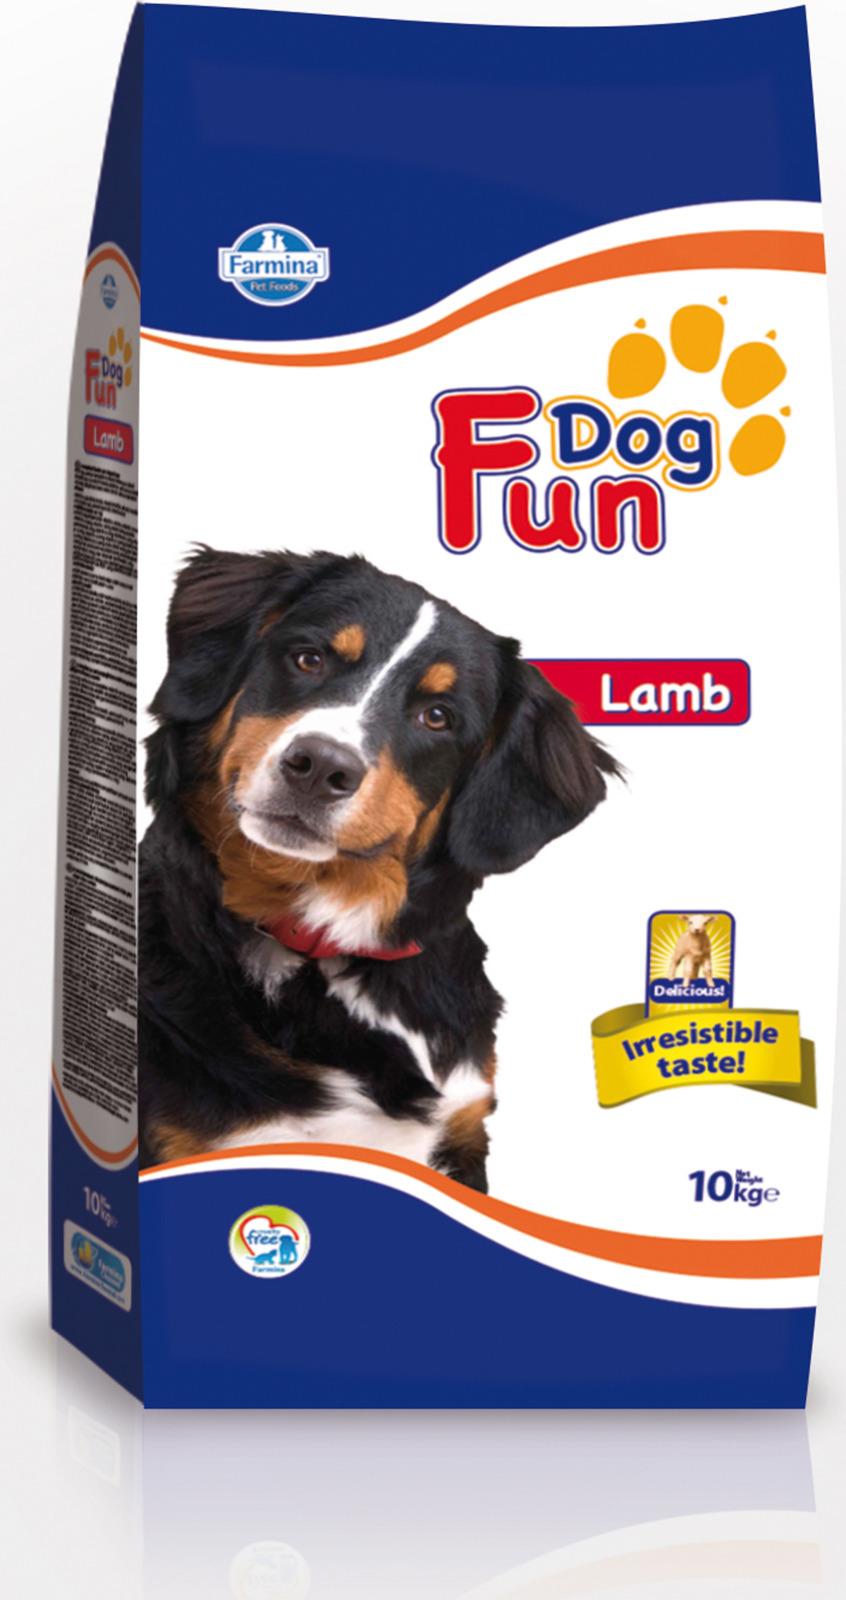 FUN DOG LAMB (10кг) д/c Ягнёнок Kormberi.ru магазин товаров для ваших животных